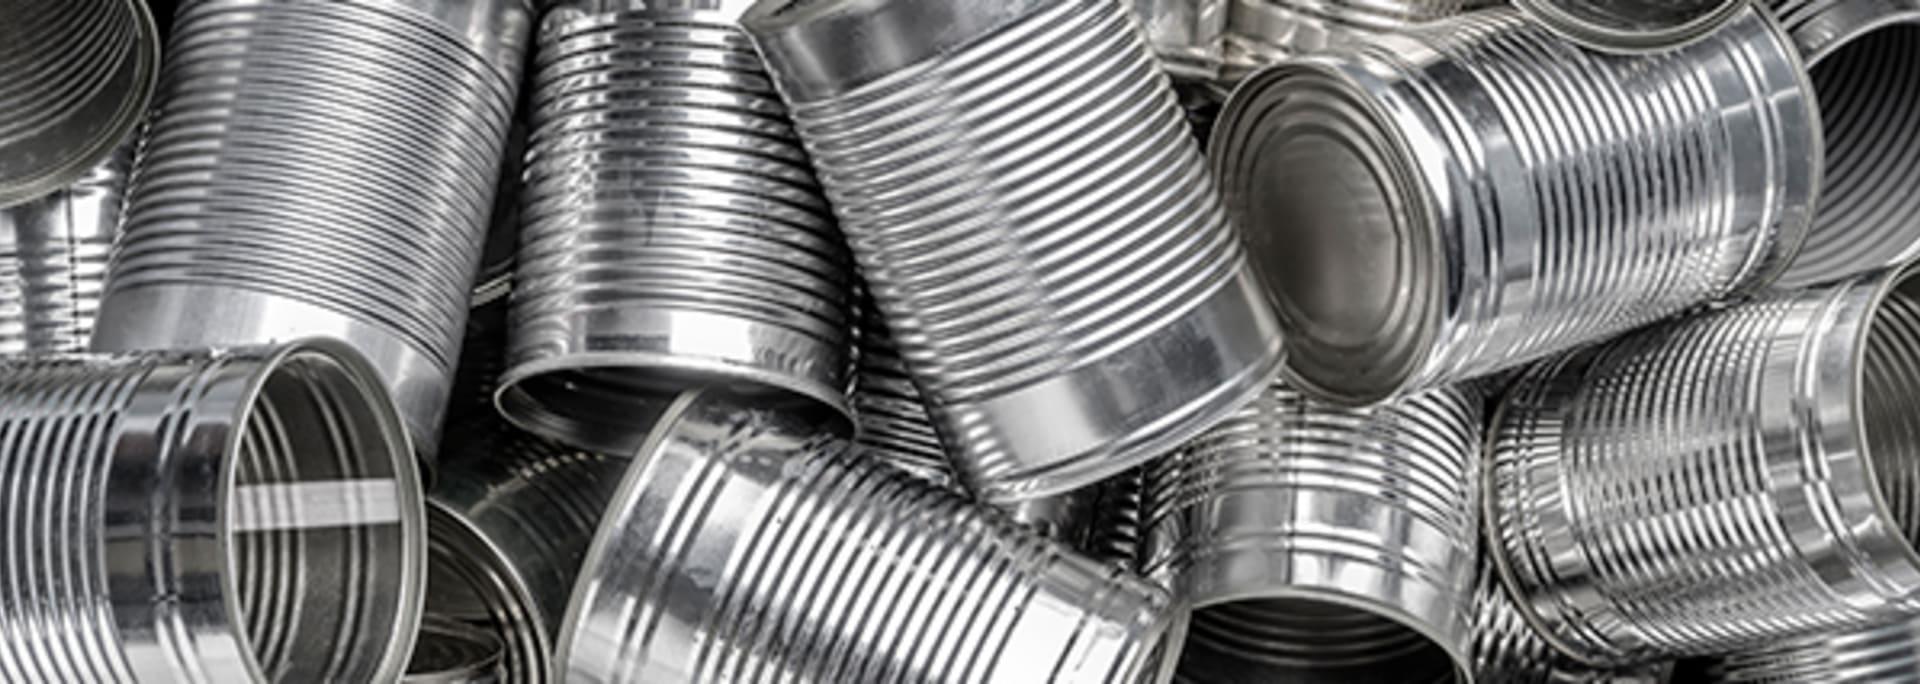 Comment recycler les boîtes de conserve vides